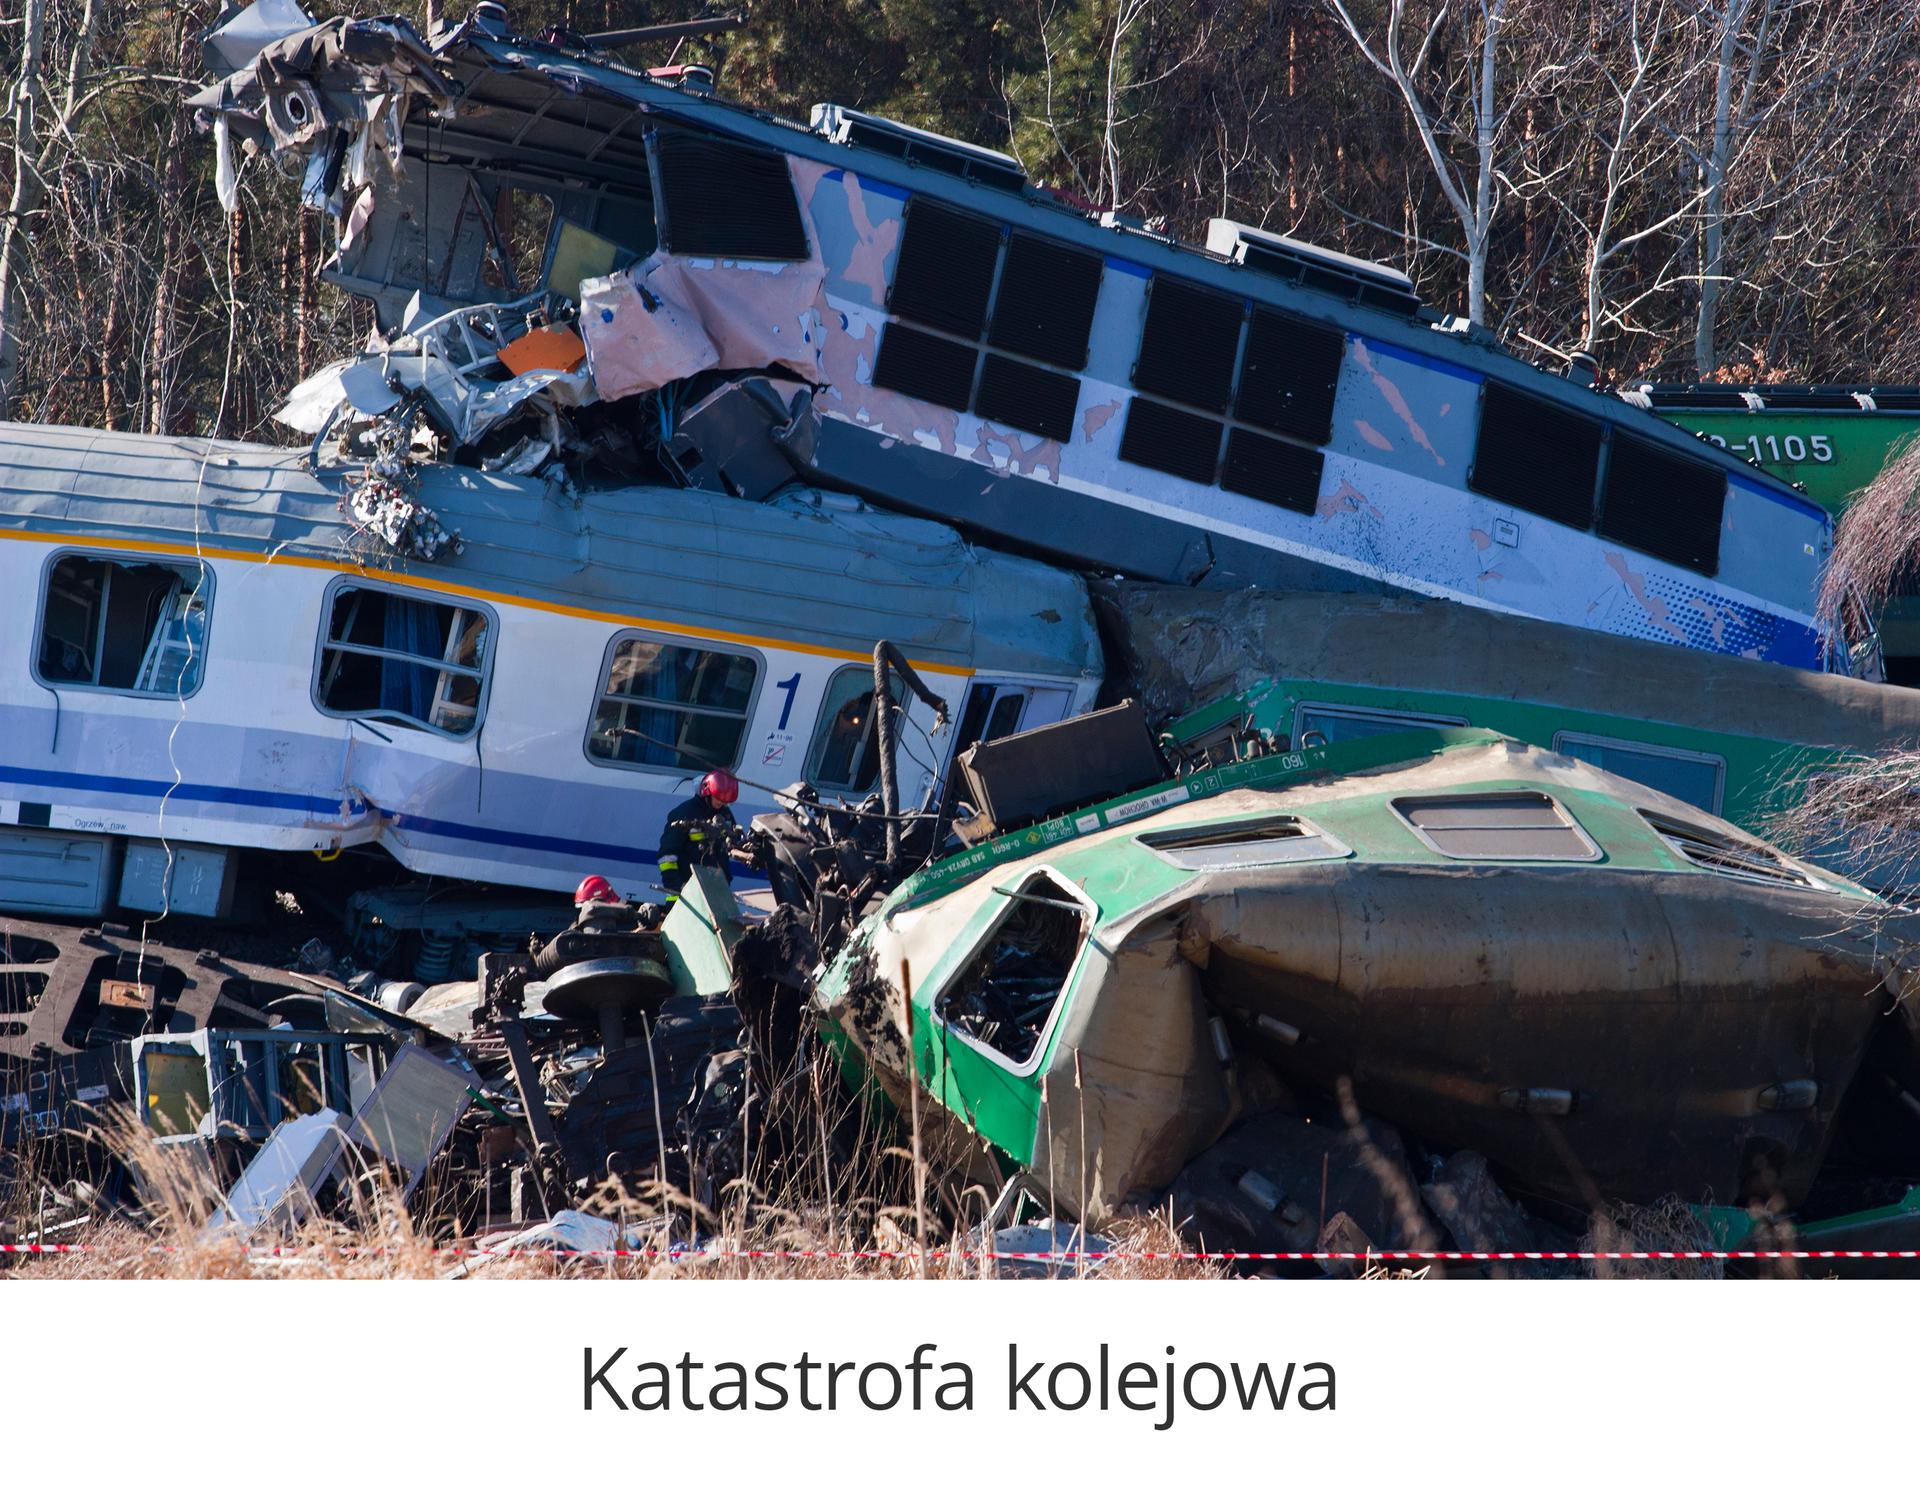 Zdjęcie 2 to katastrofa kolejowa. Słoneczny dzień. Trzy wagony pociągu po zderzeniu. Dwa wagony stoją na torach. Prawy zawisł na lewym wagonie. Przednia część wagonu uniesionego wgórę rozerwana. Trzeci wagon znajduje się na nasypie obok torów. Strażacy przeszukuję miejsce zderzenia.